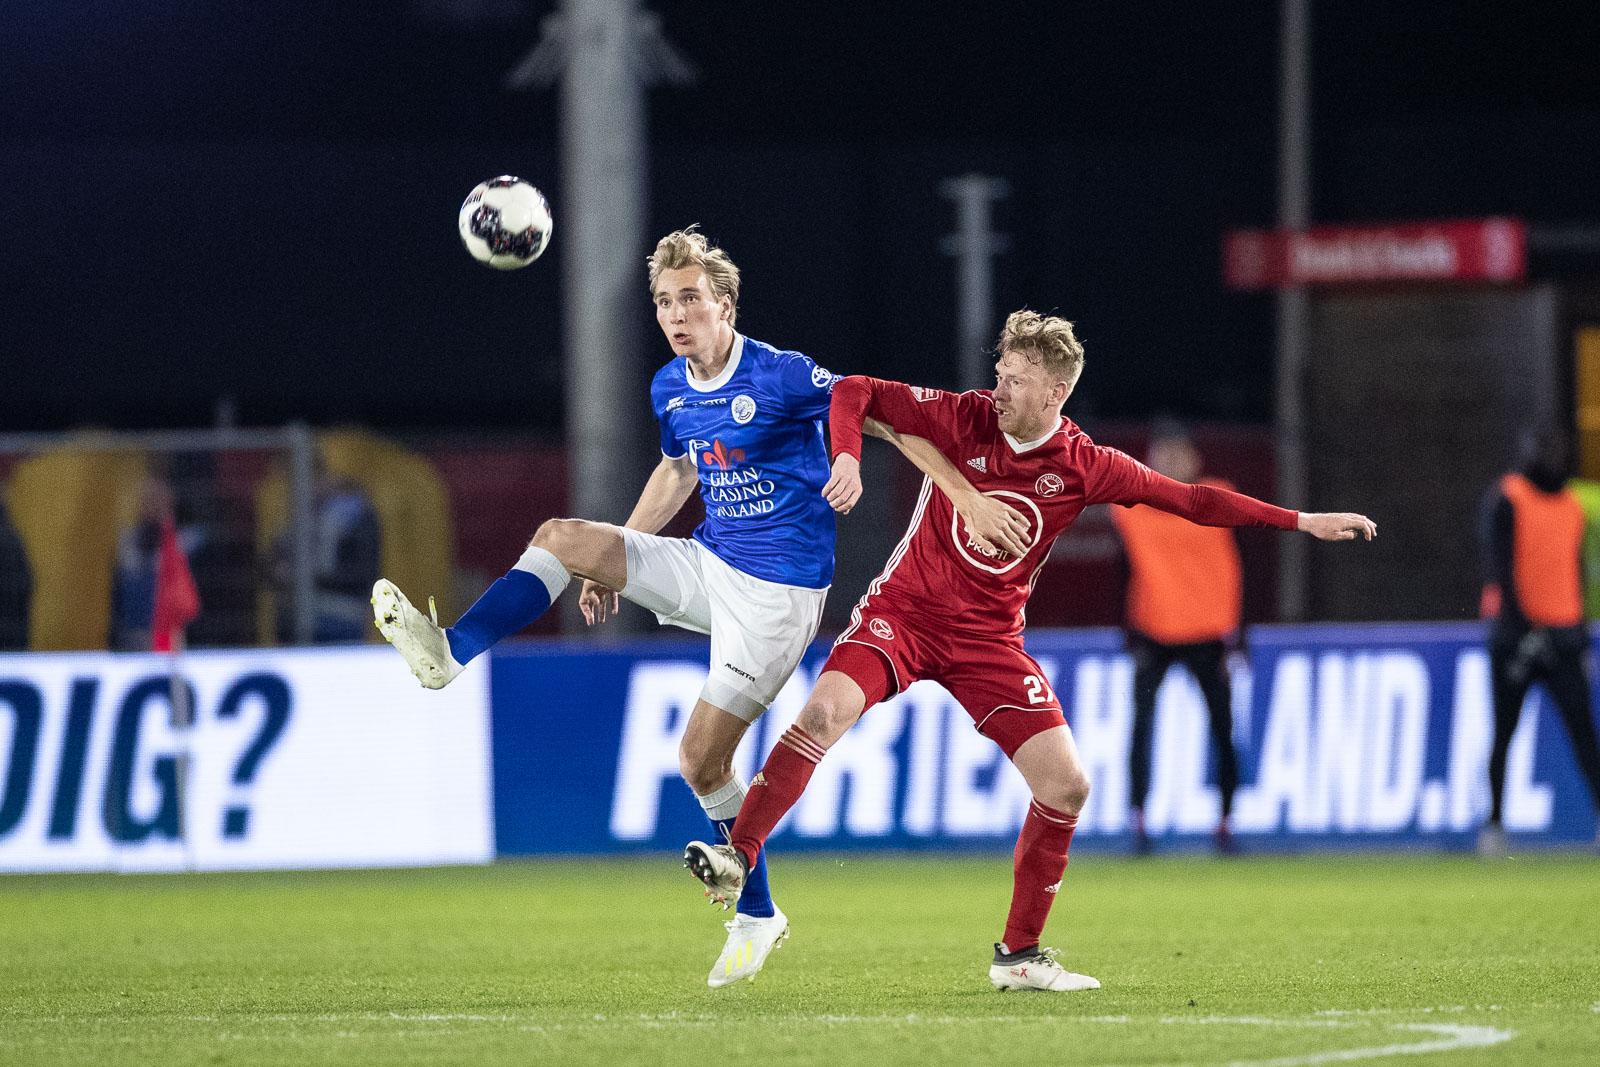 Almere City FC vaak sterk tegen FC Den Bosch